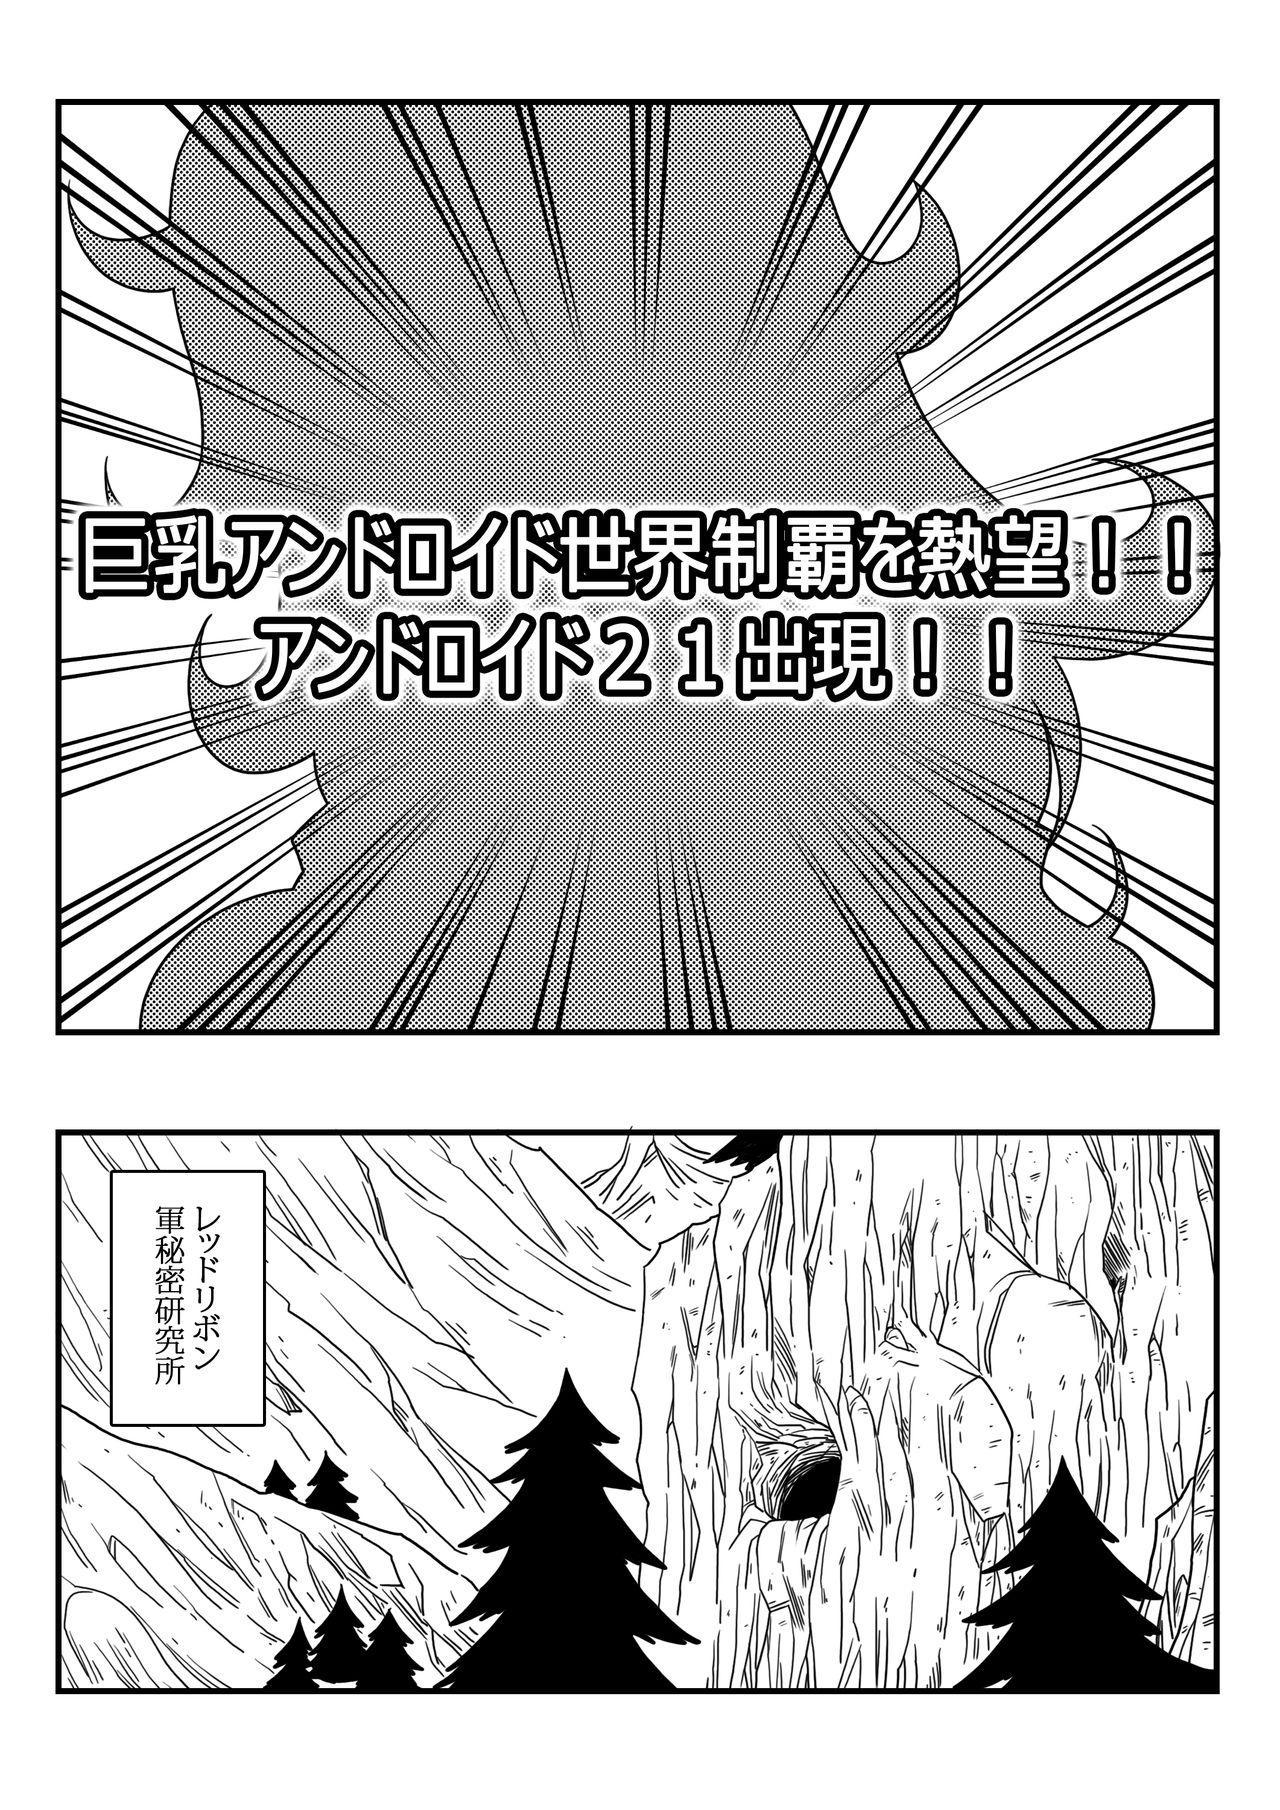 Kyonyuu Android Sekai Seiha o Netsubou!! Android 21 Shutsugen!! 2